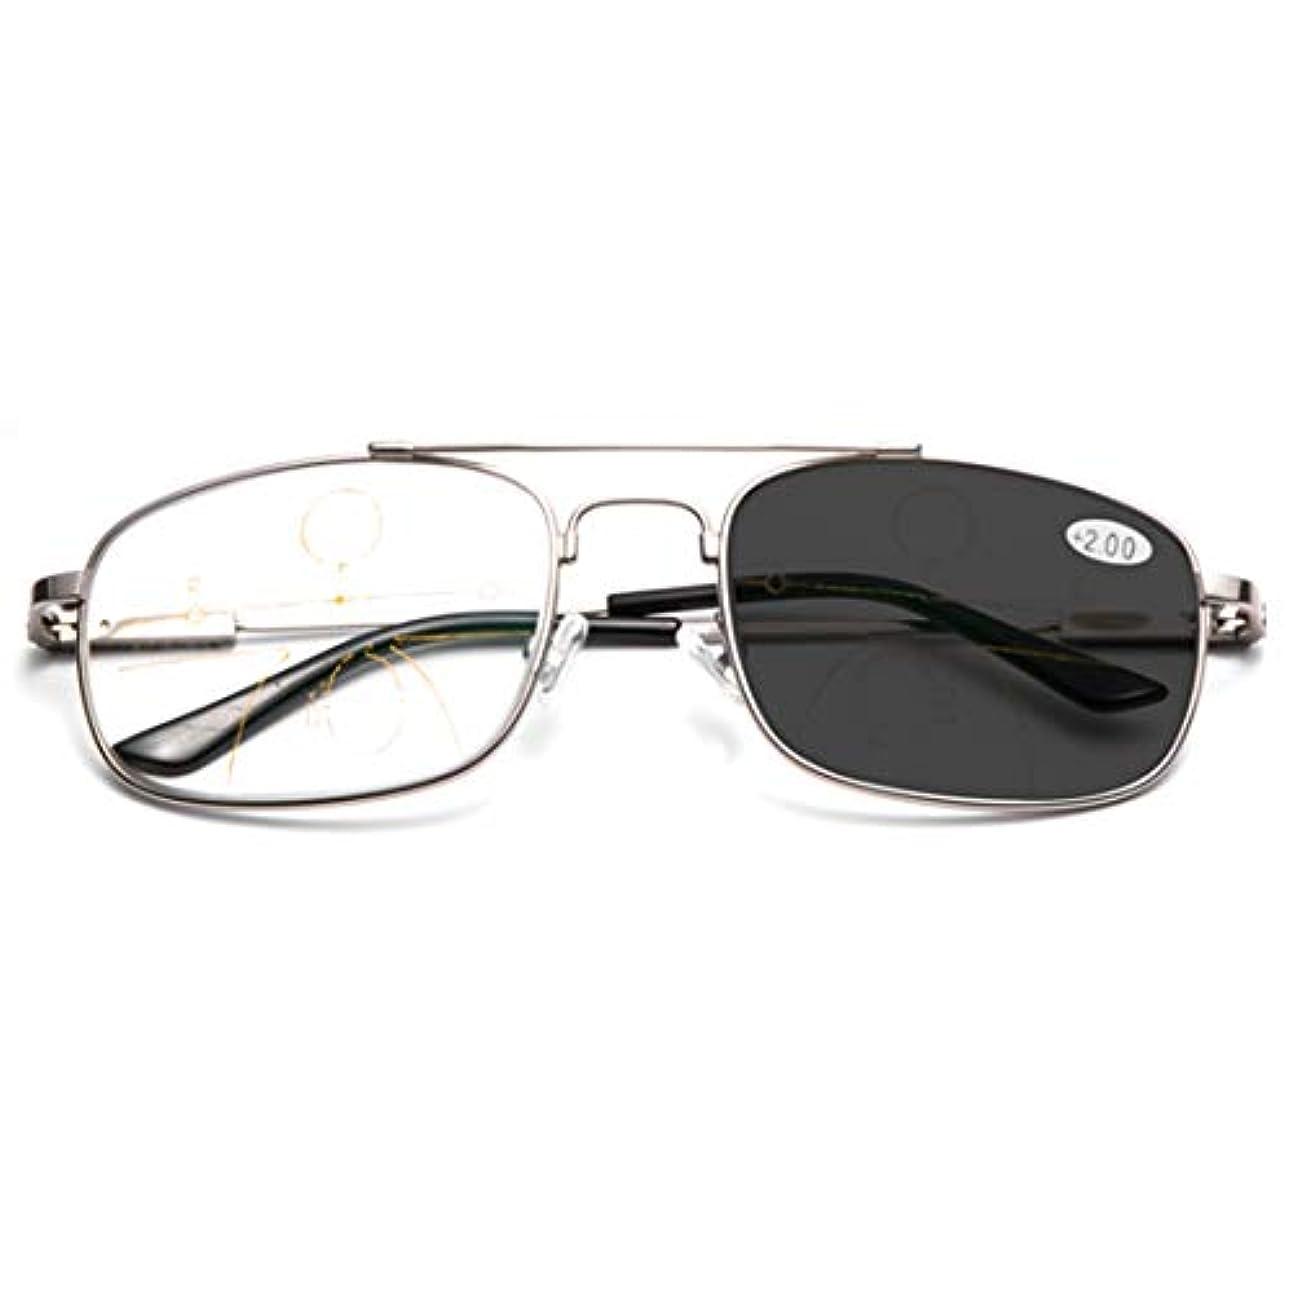 デイジーエリート予言する超軽量メタルプログレッシブマルチフォーカス老眼鏡、インテリジェントな屋外用カラーチェンジ、遠近両用、フルフレーム/ハーフフレーム